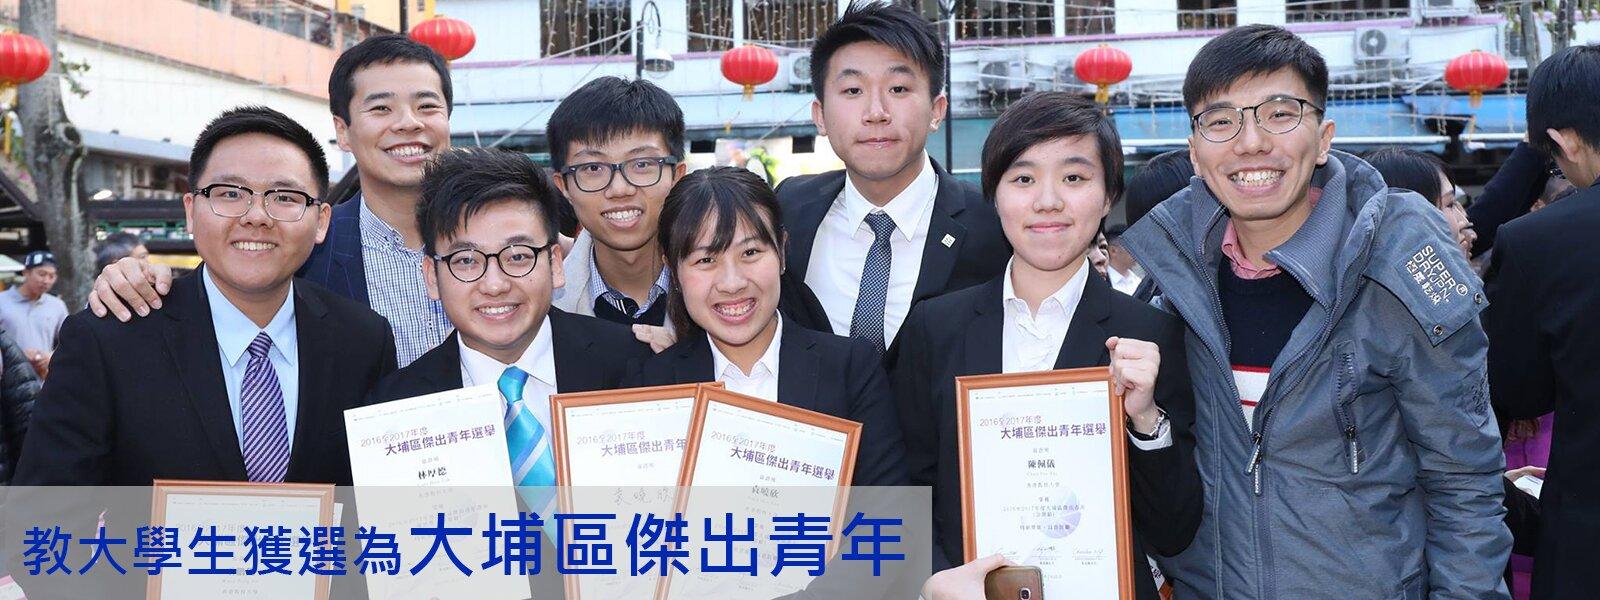 教大學生獲選為大埔區傑出青年